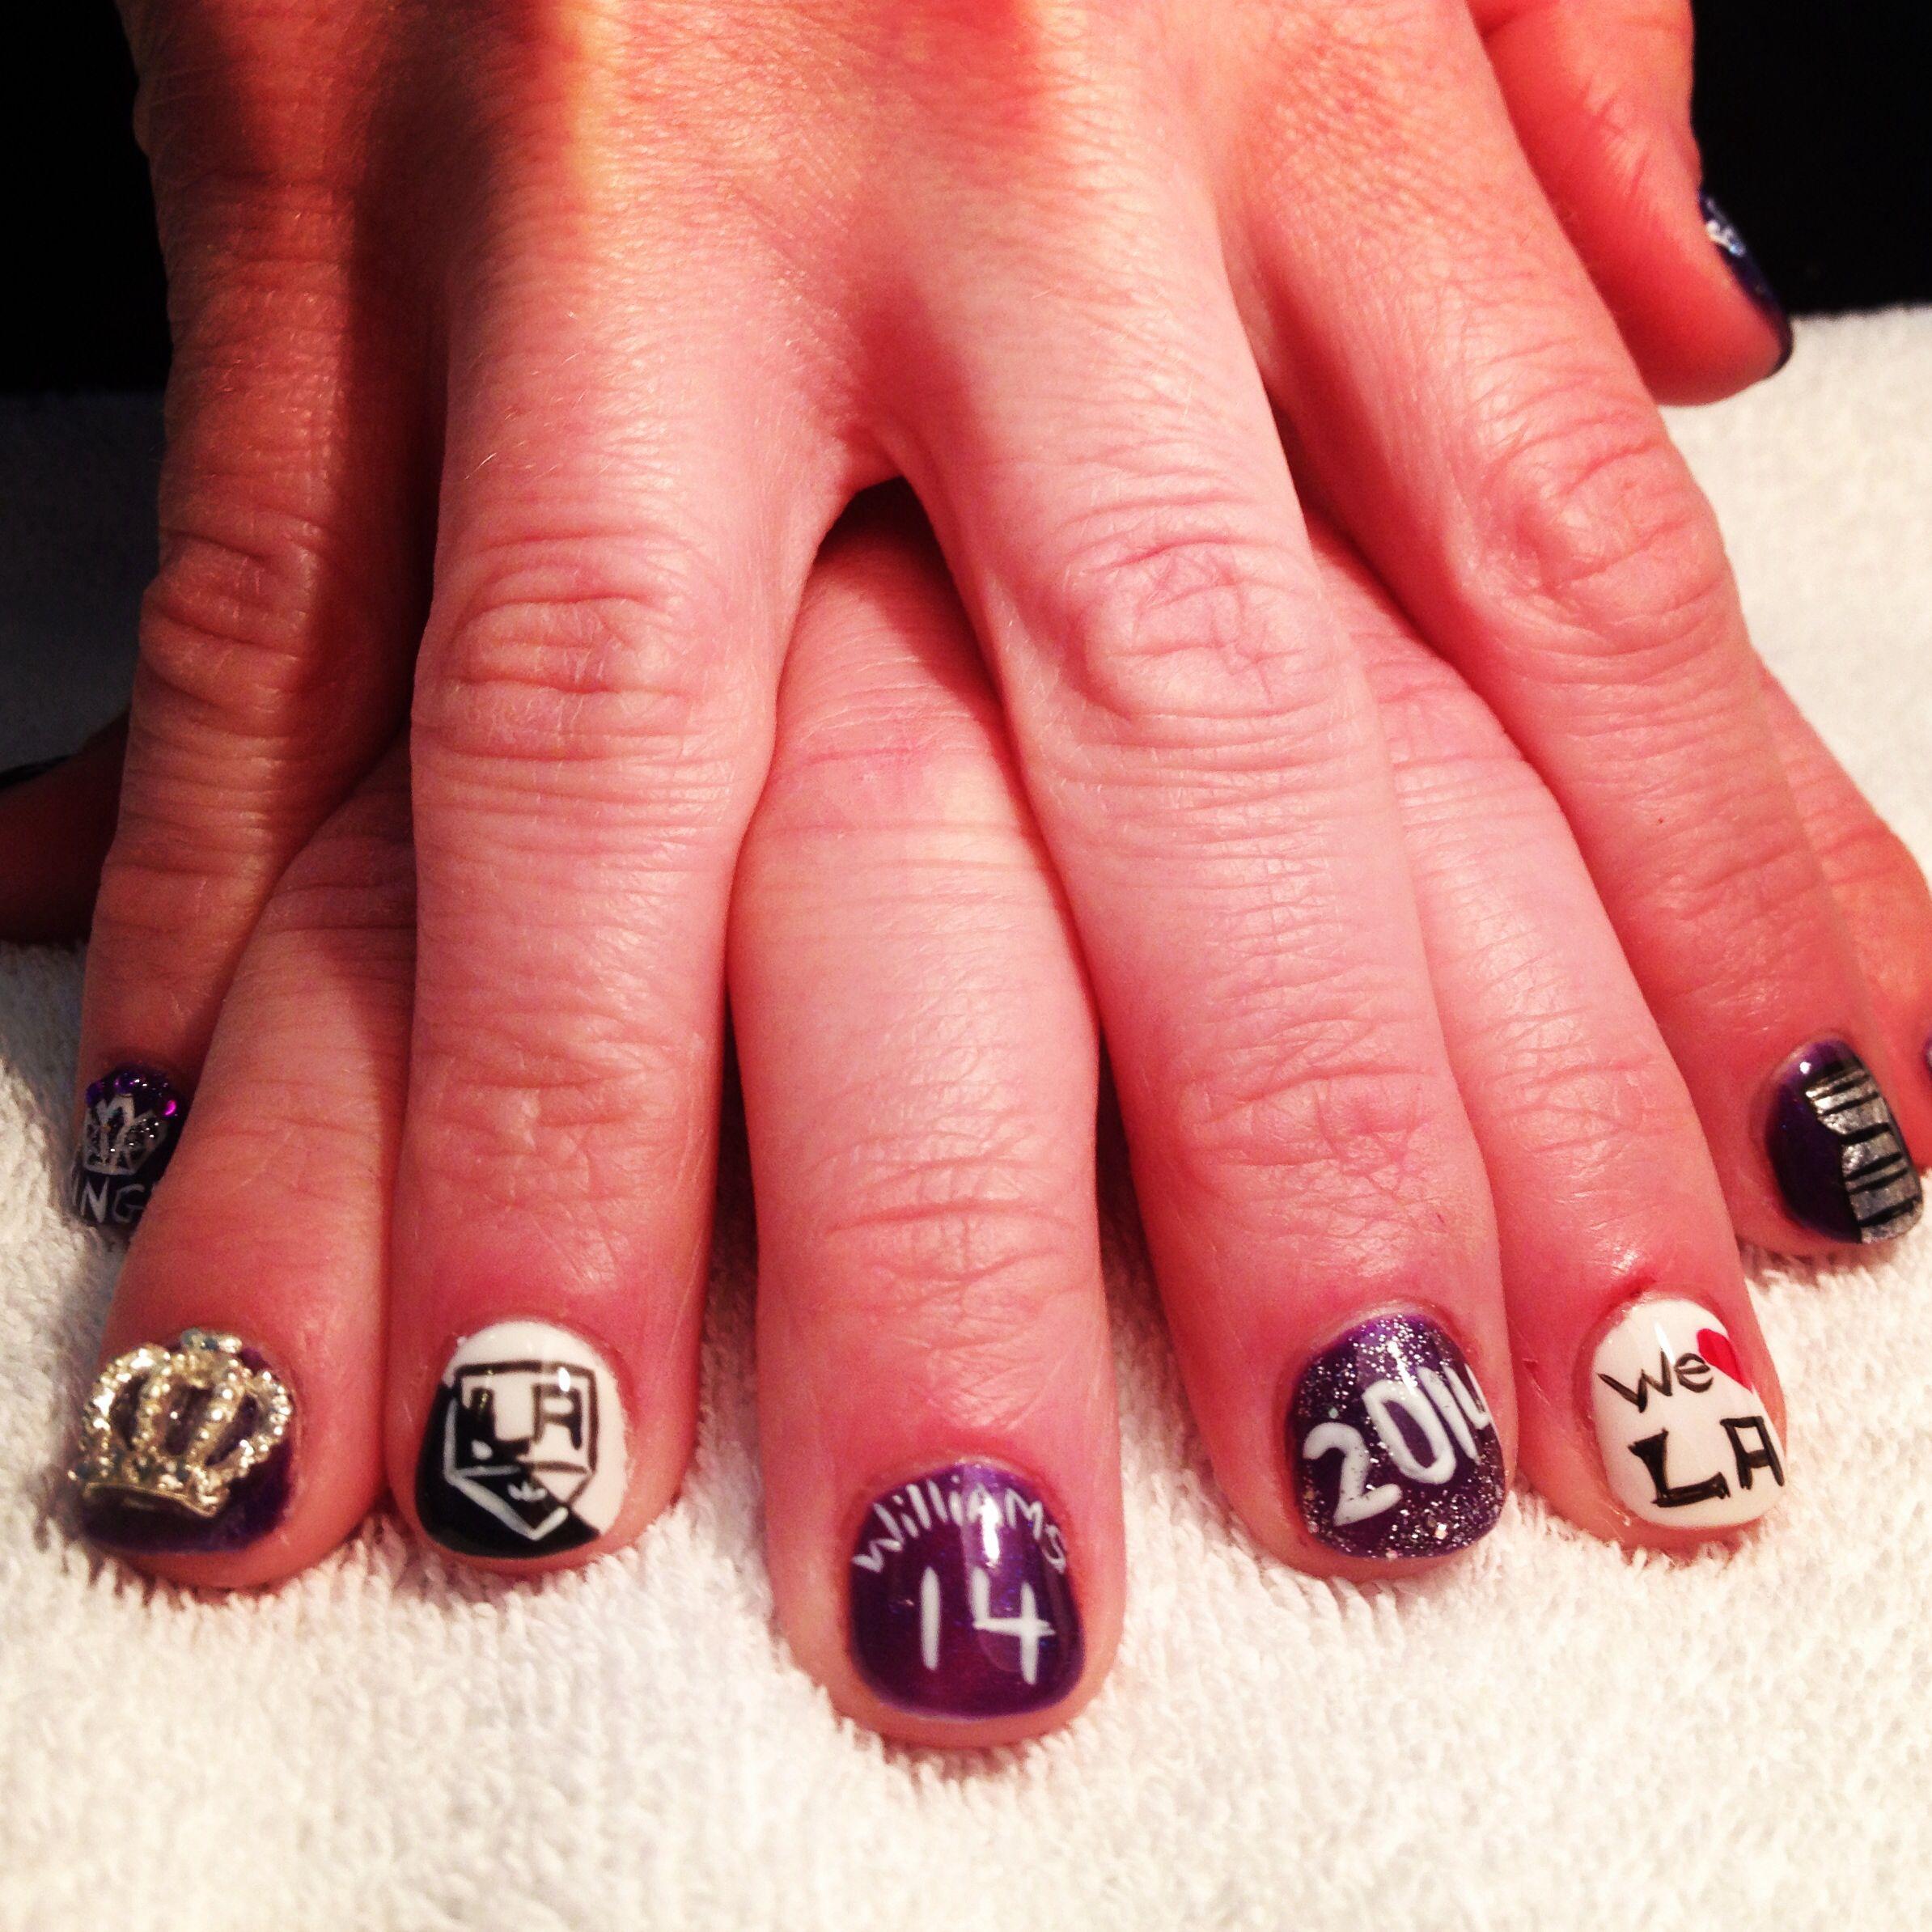 Los Angeles Kings Nails #omg nails anchorage Alaska | Los Angeles ...